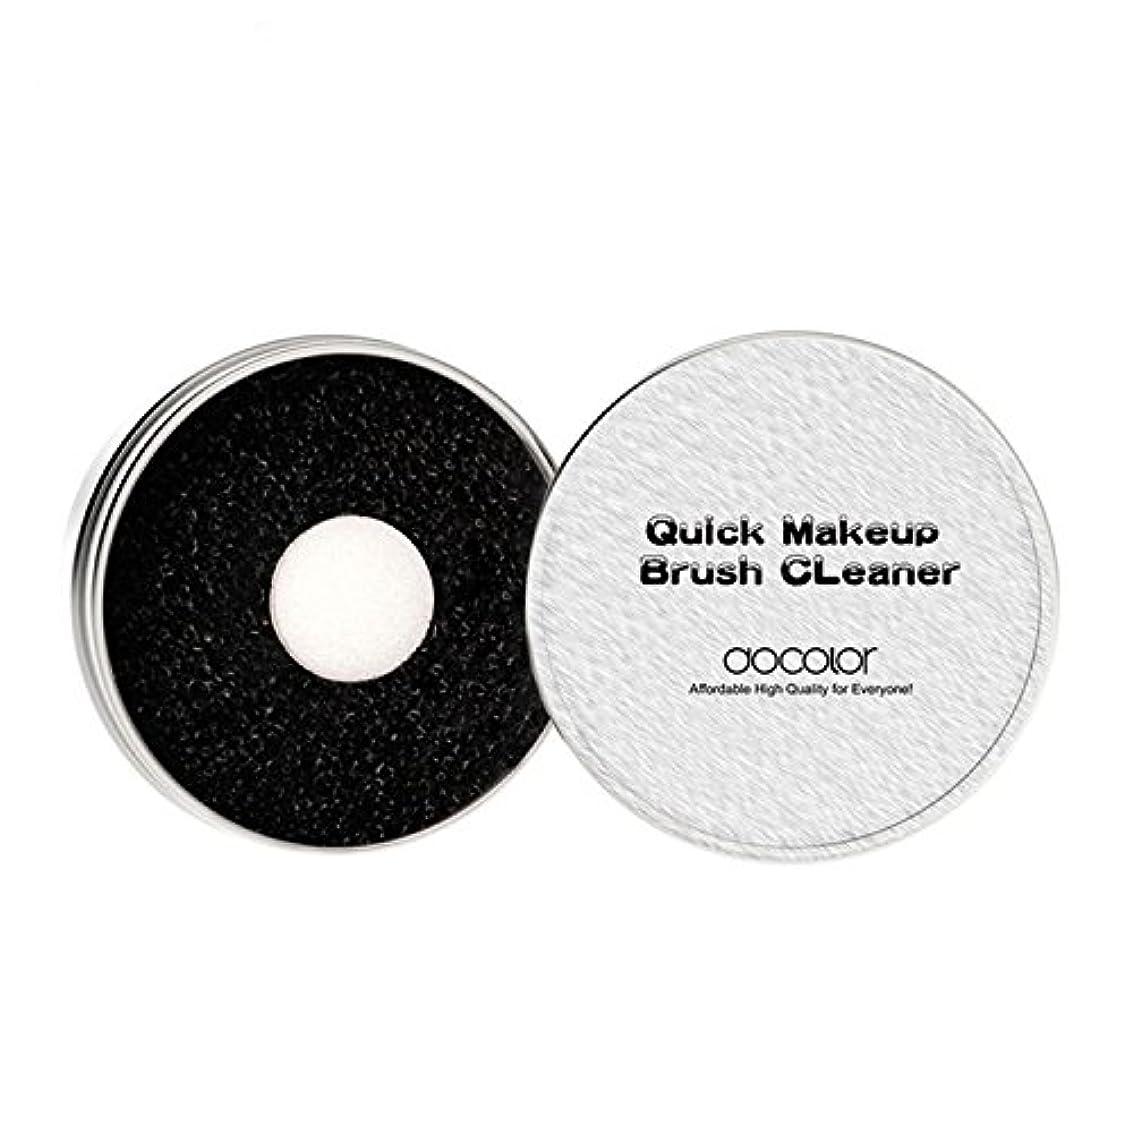 丁寧りシガレットメイクブラシクリーナー スポンジ ドライクリーナー-DOCOLOR ブラシ用クリーナー 携帯用 何度も使える